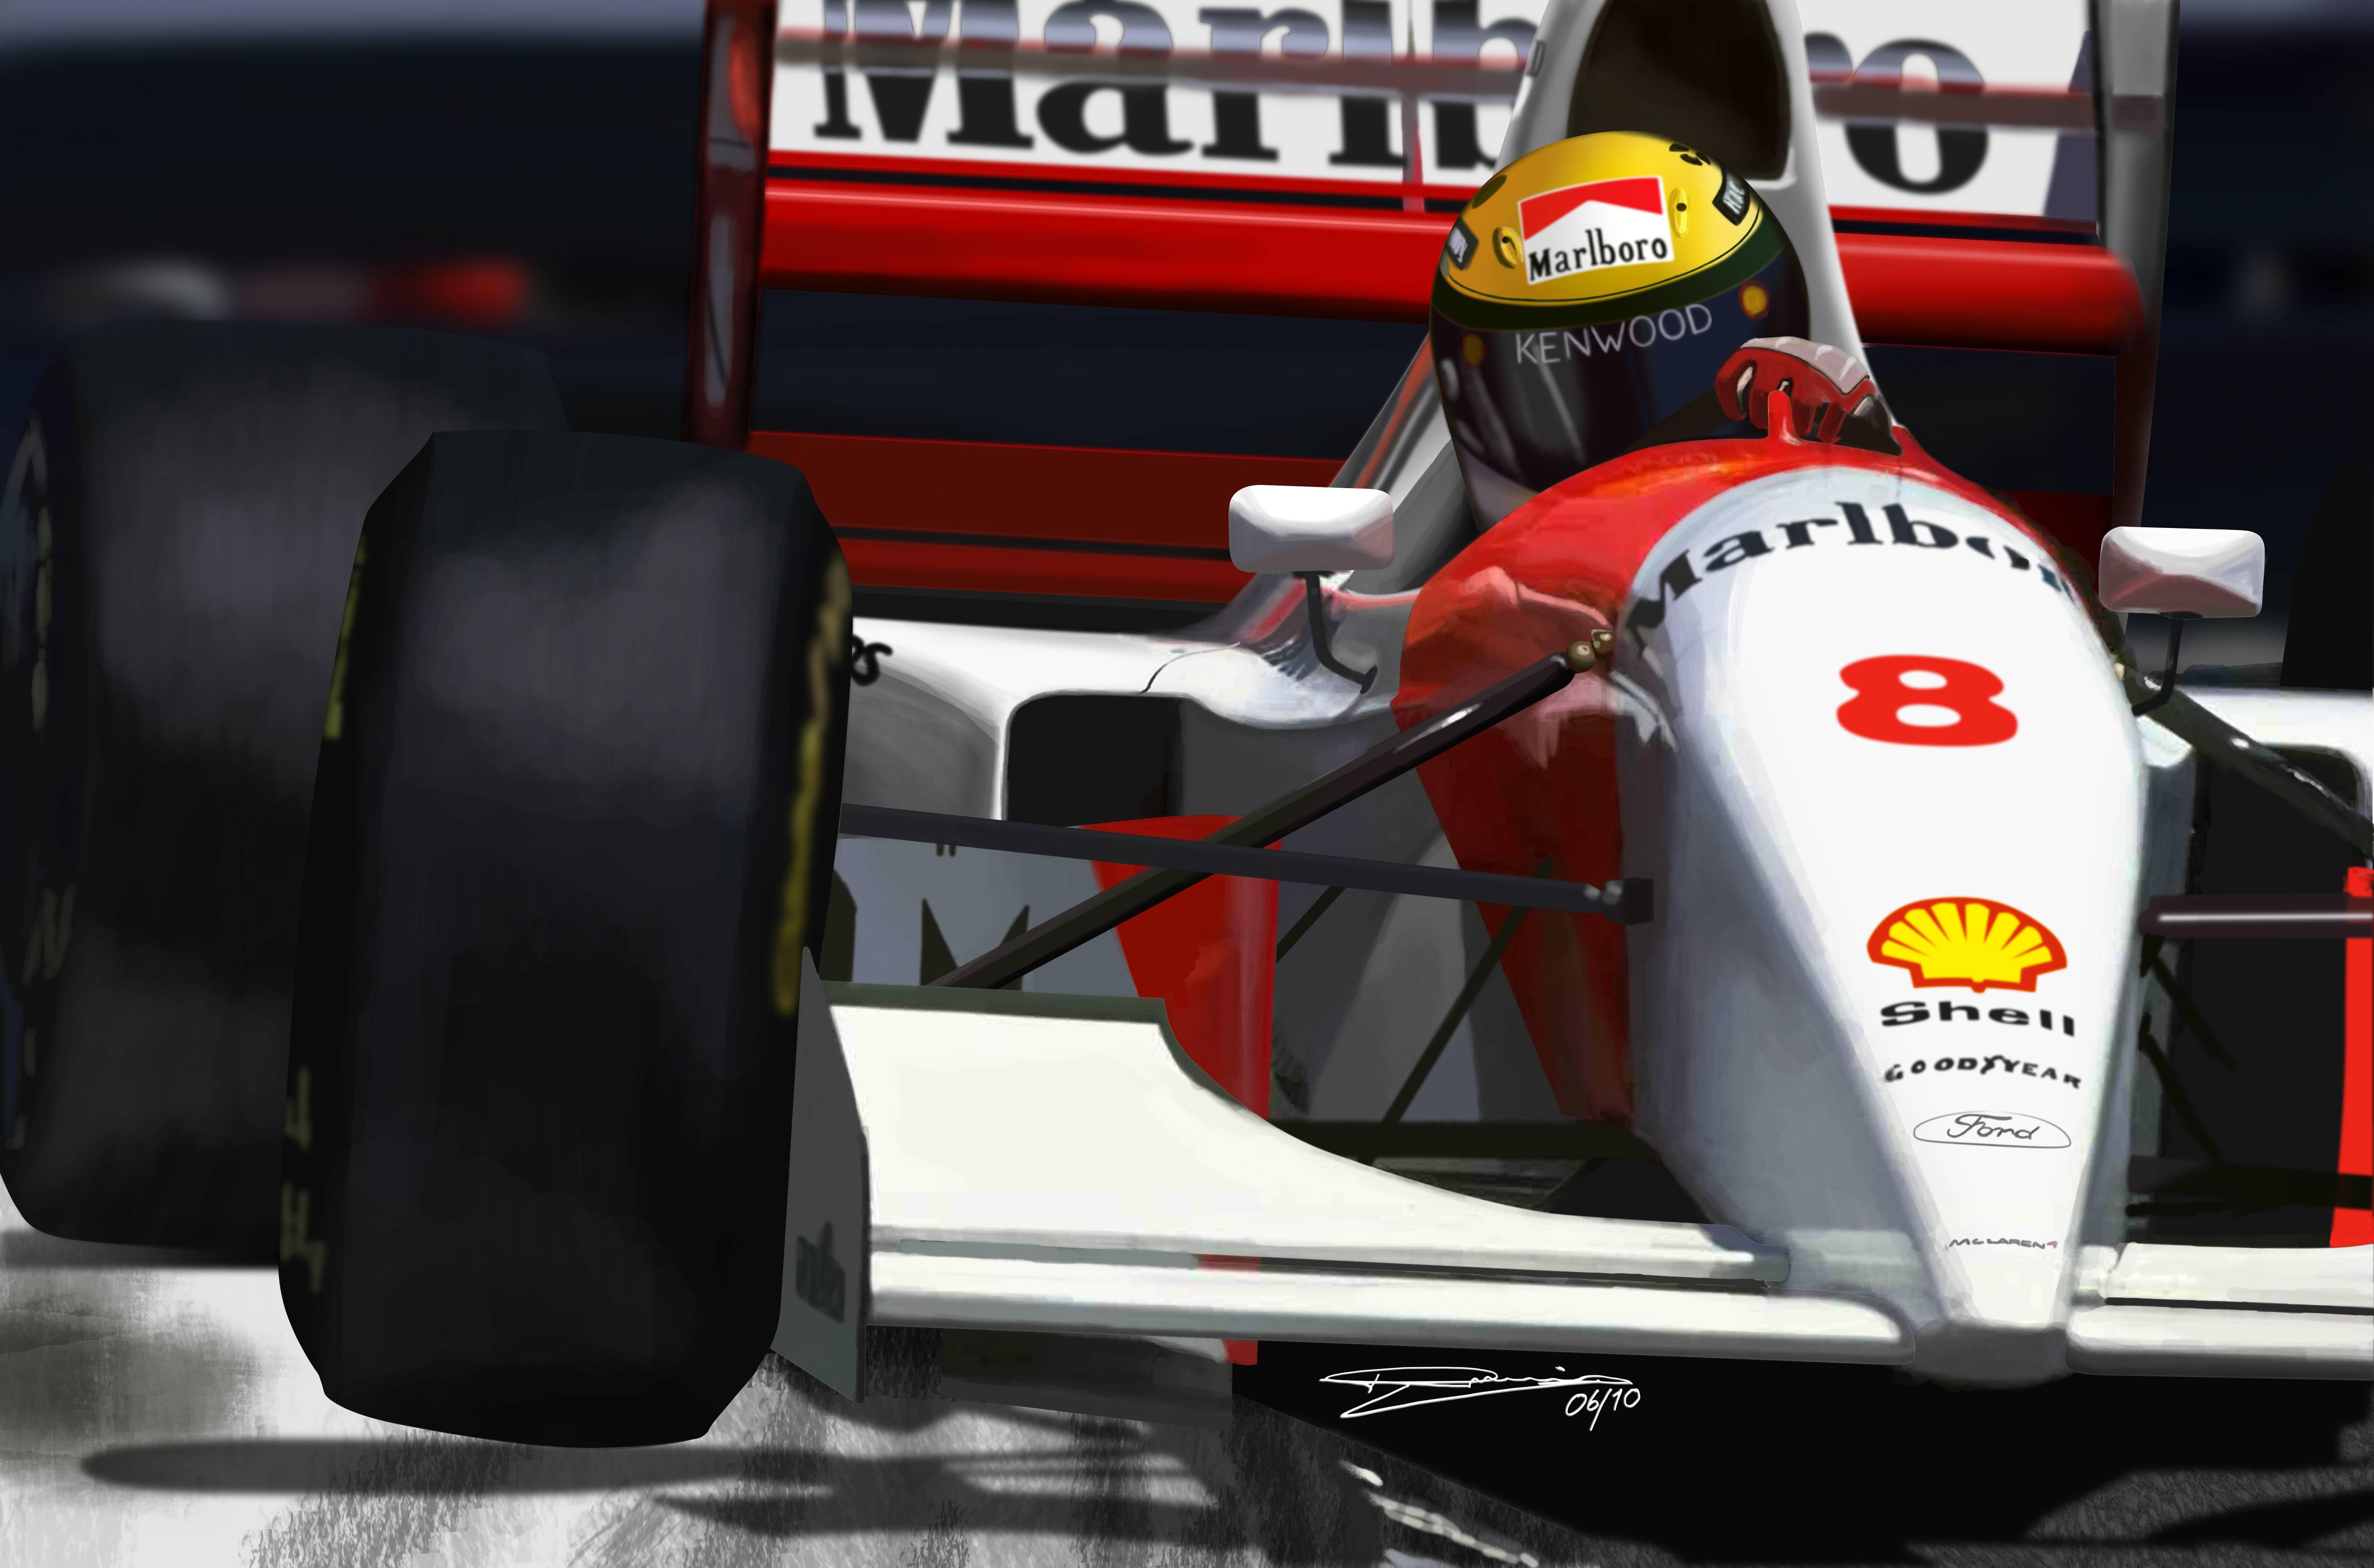 Ayrton Senna Wallpapers Top Free Ayrton Senna Backgrounds